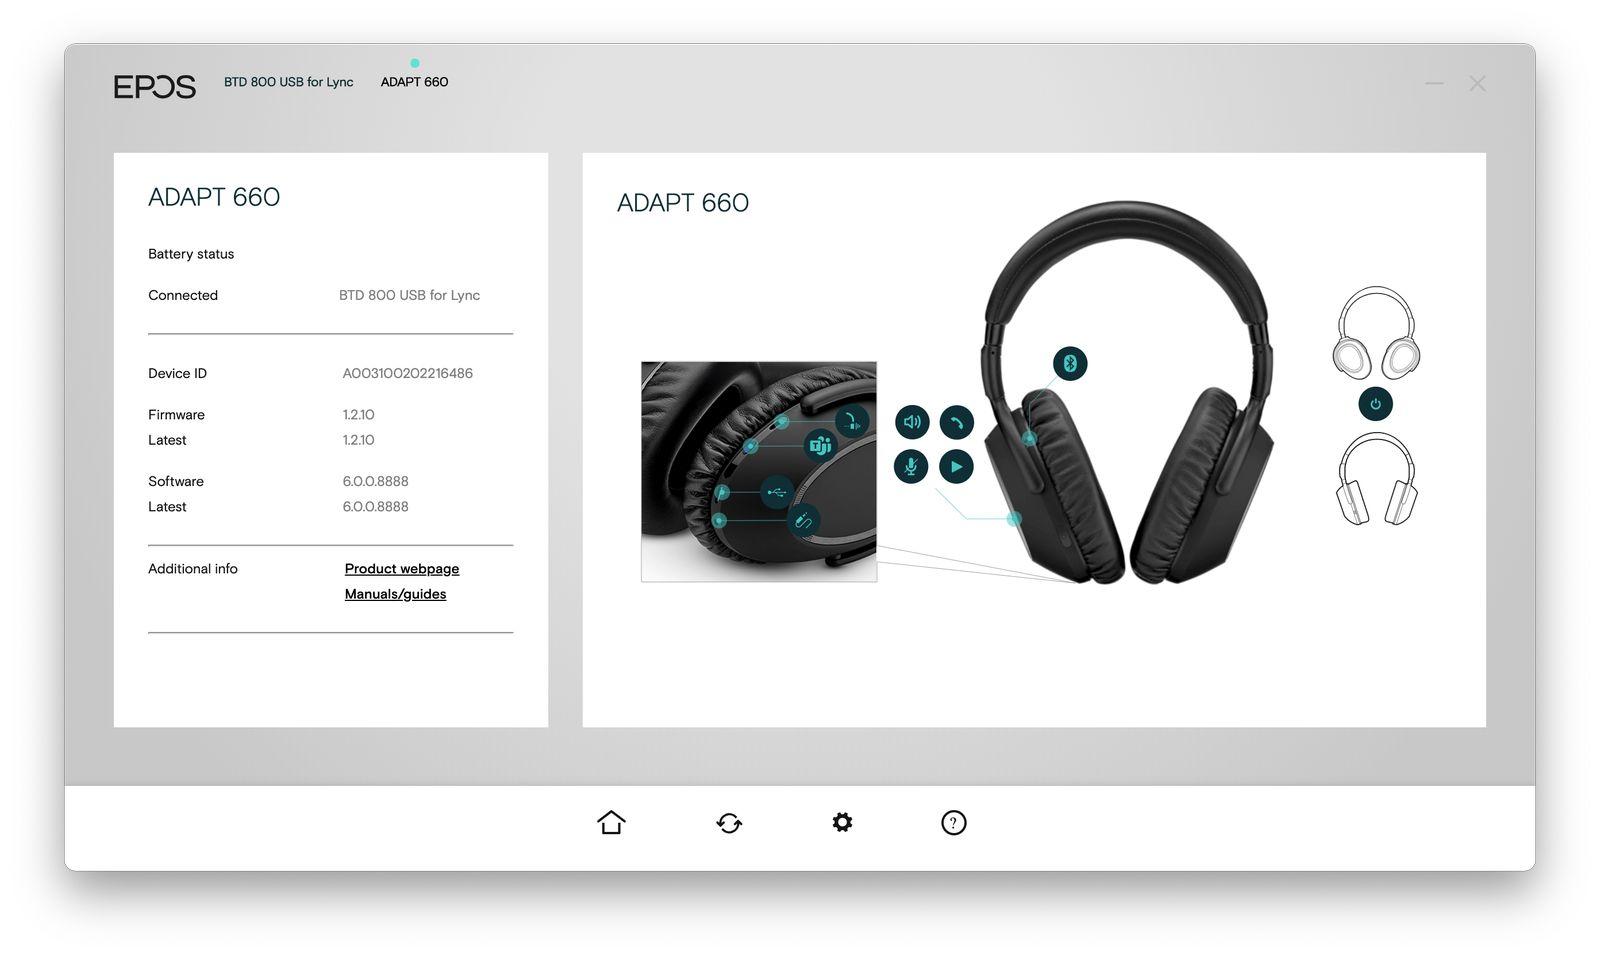 Recensione EPOS Adapt 660, qualità senza compromessi, in un silenzio migliorabile